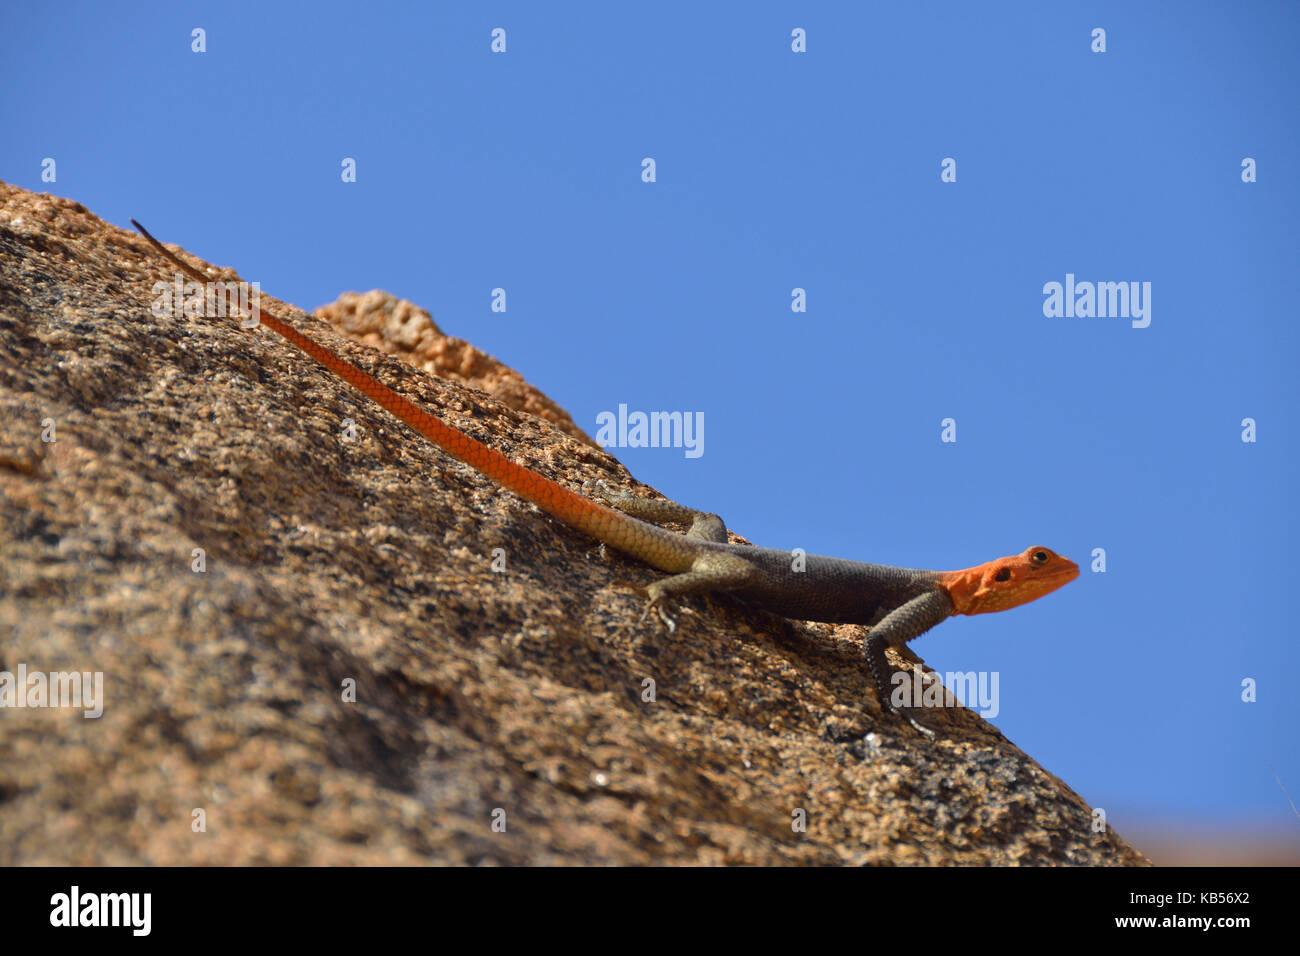 Namibia, Erongo, Damaraland, Brandberg, Namibian Rock Agama (Agama planiceps) - Stock Image